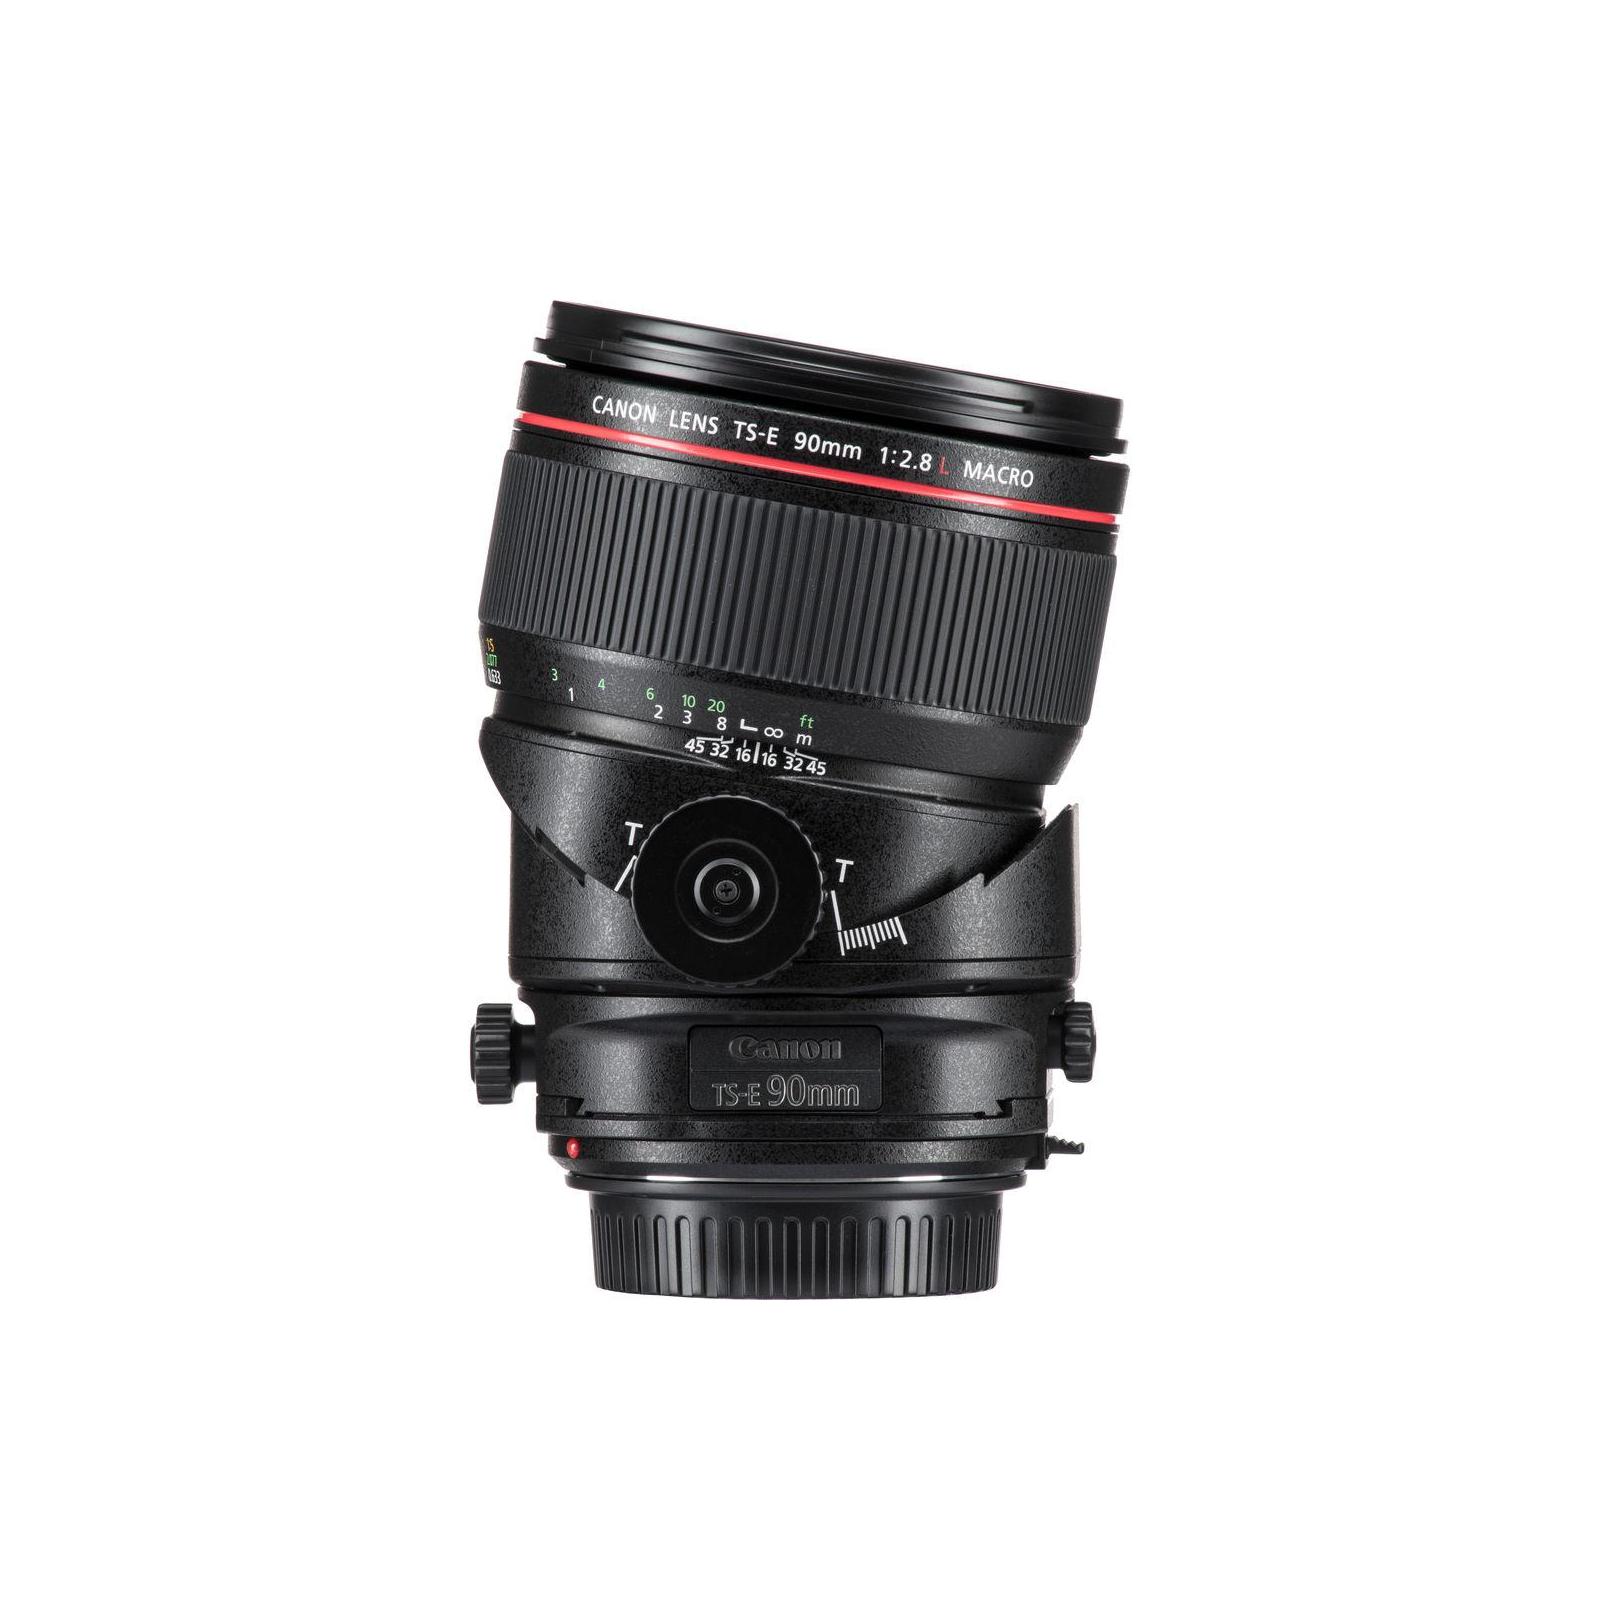 Объектив Canon TS-E 90mm f/2.8 L Macro (2274C005) изображение 9